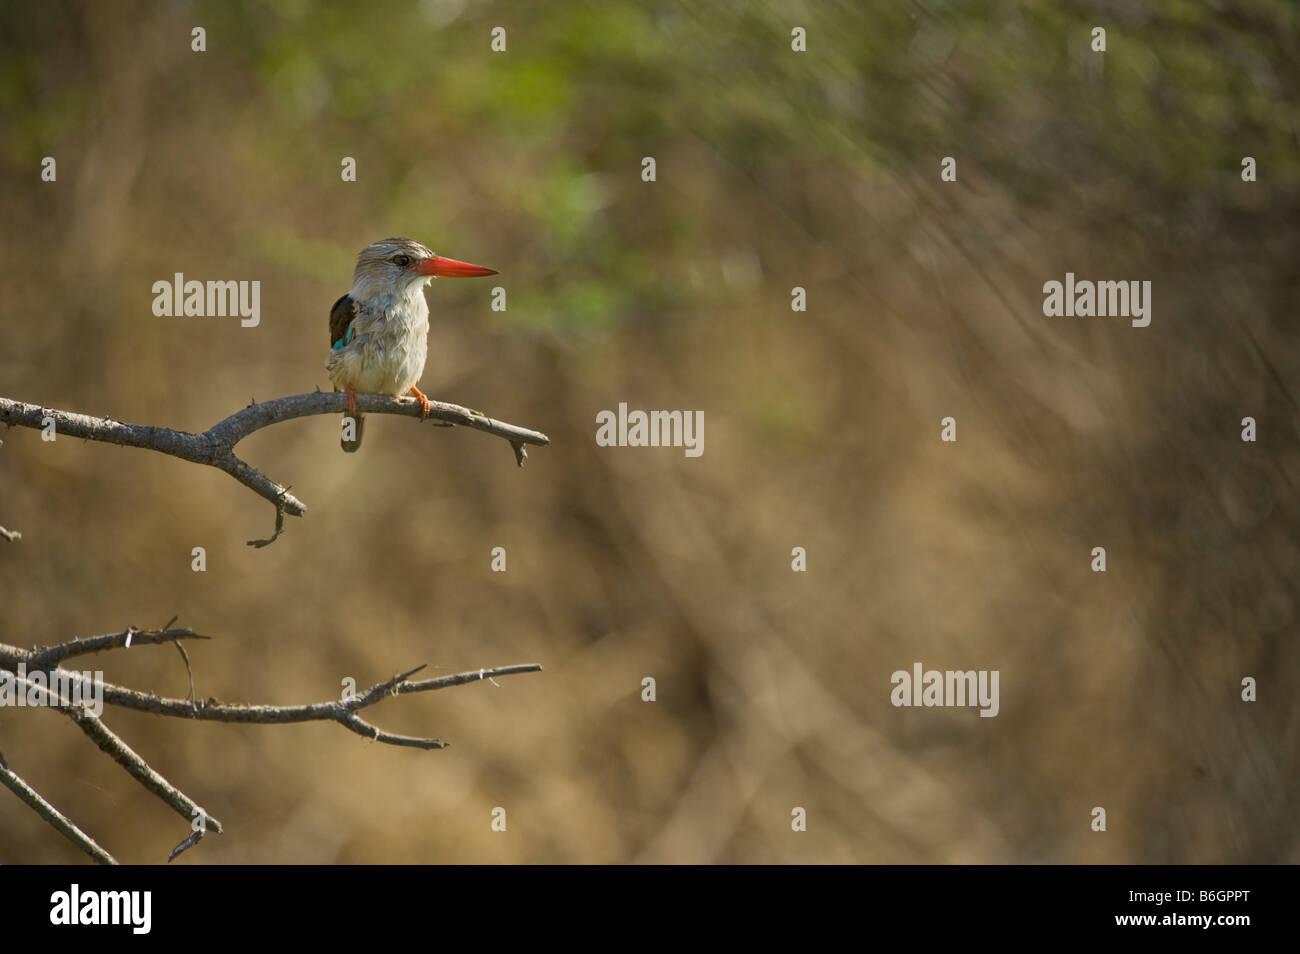 Braun mit Kapuze Kingfisher gehockt Zweig Baum wilde Tierwelt Südafrikas sitzend auf AST Himmel einfarbigen Stockbild